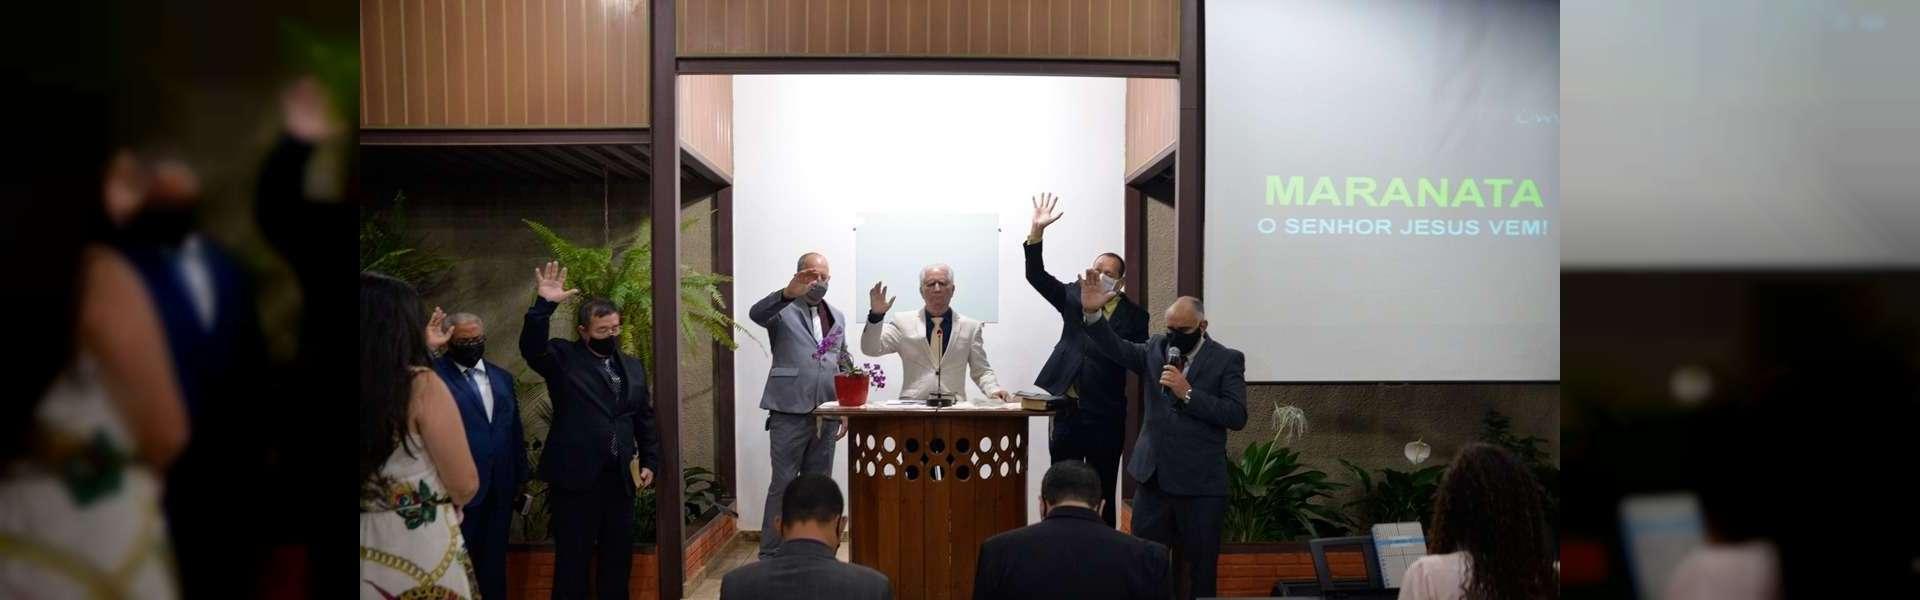 Igreja Cristã Maranata realiza cultos de levantamento de Ungidos e Pastores